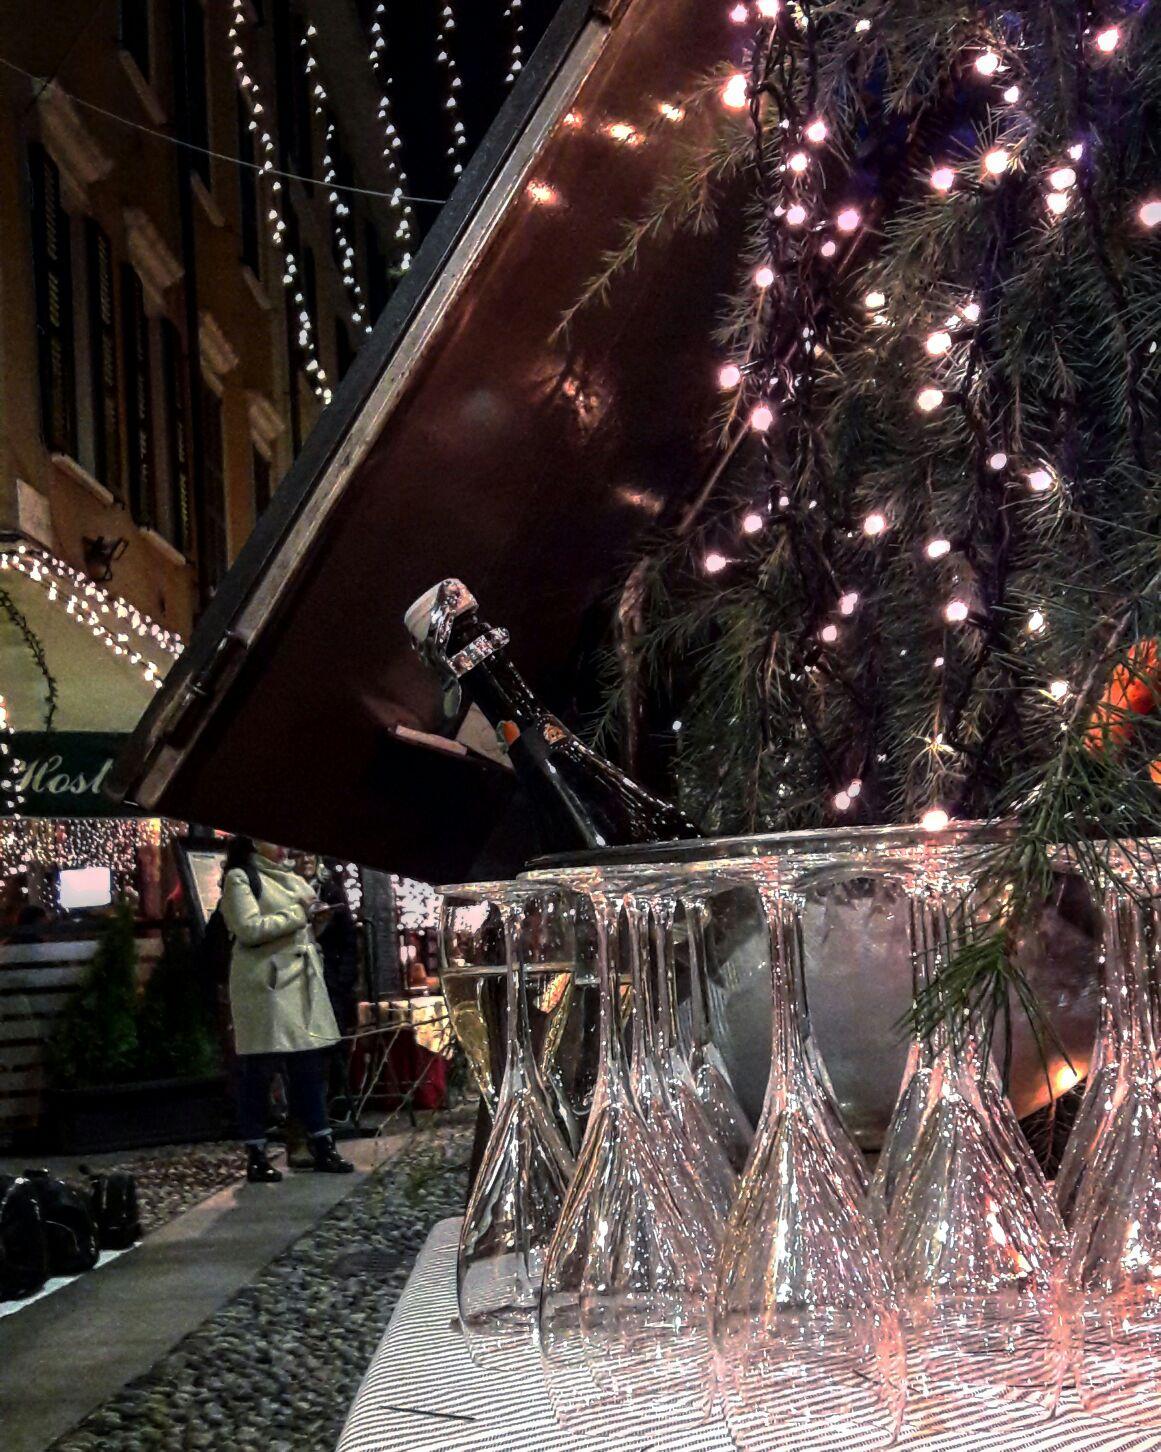 в Милане - Взгляд на Милан в фотообъектив от Арины Карабановой